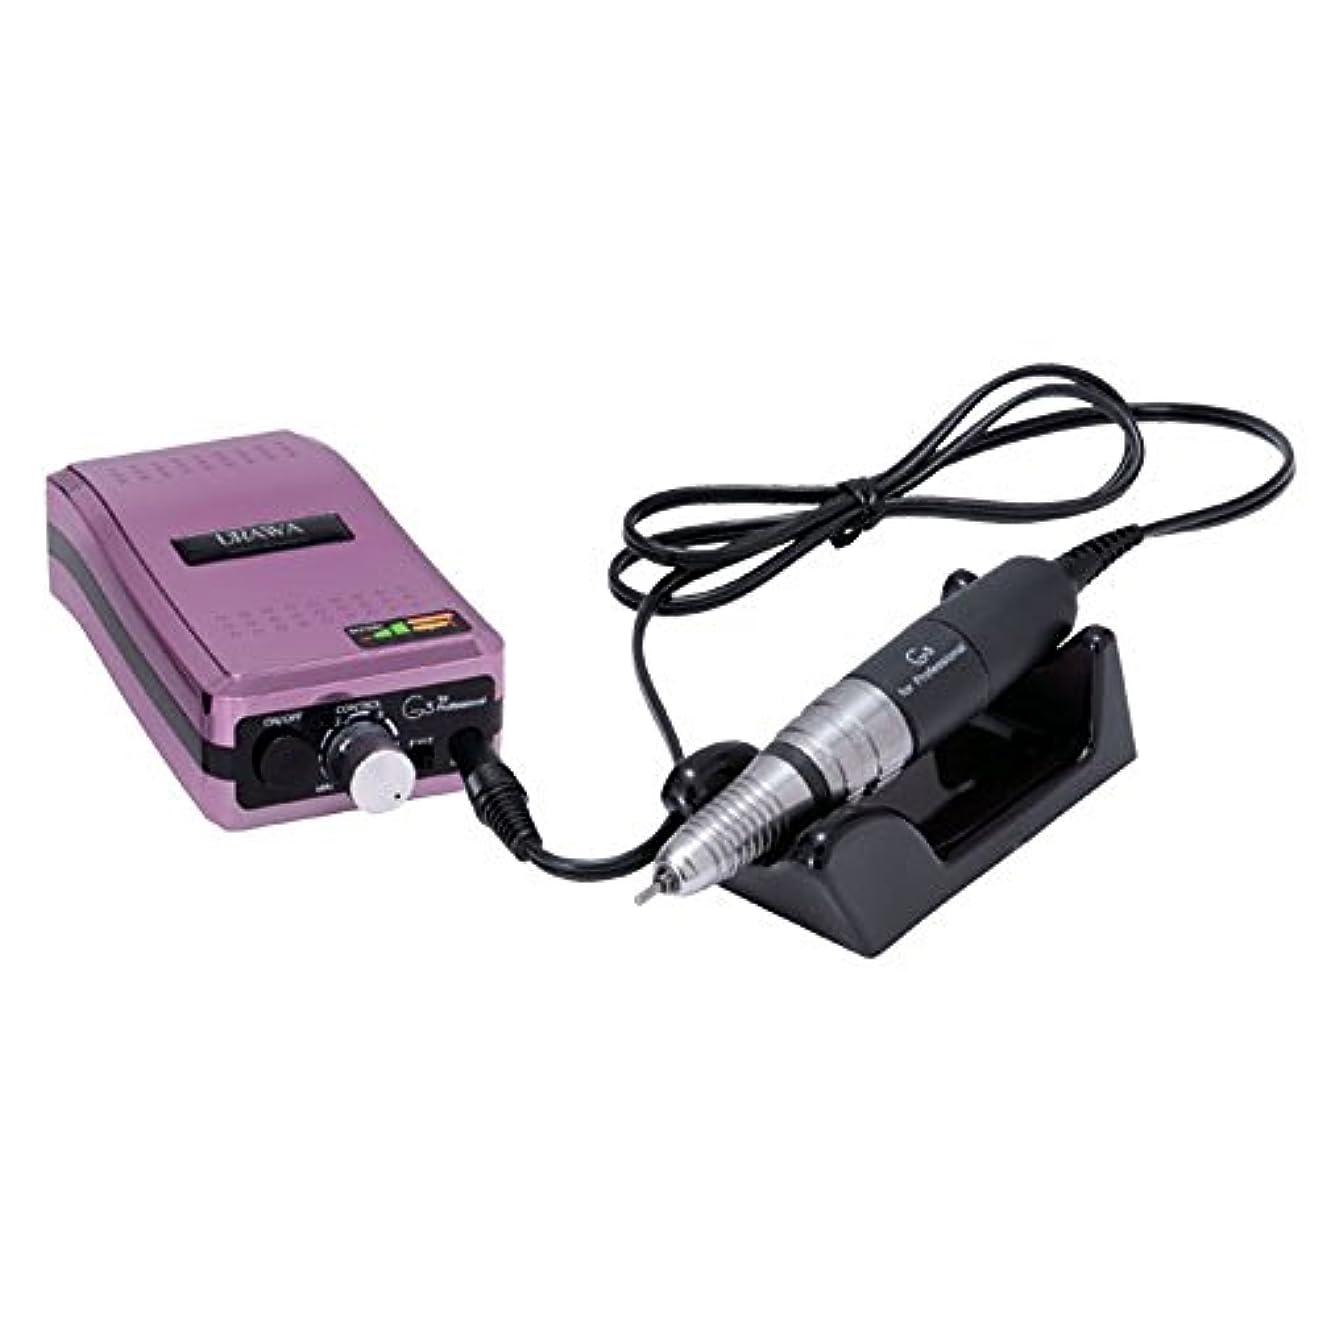 ポータブルネイルマシーンG3 ピンク